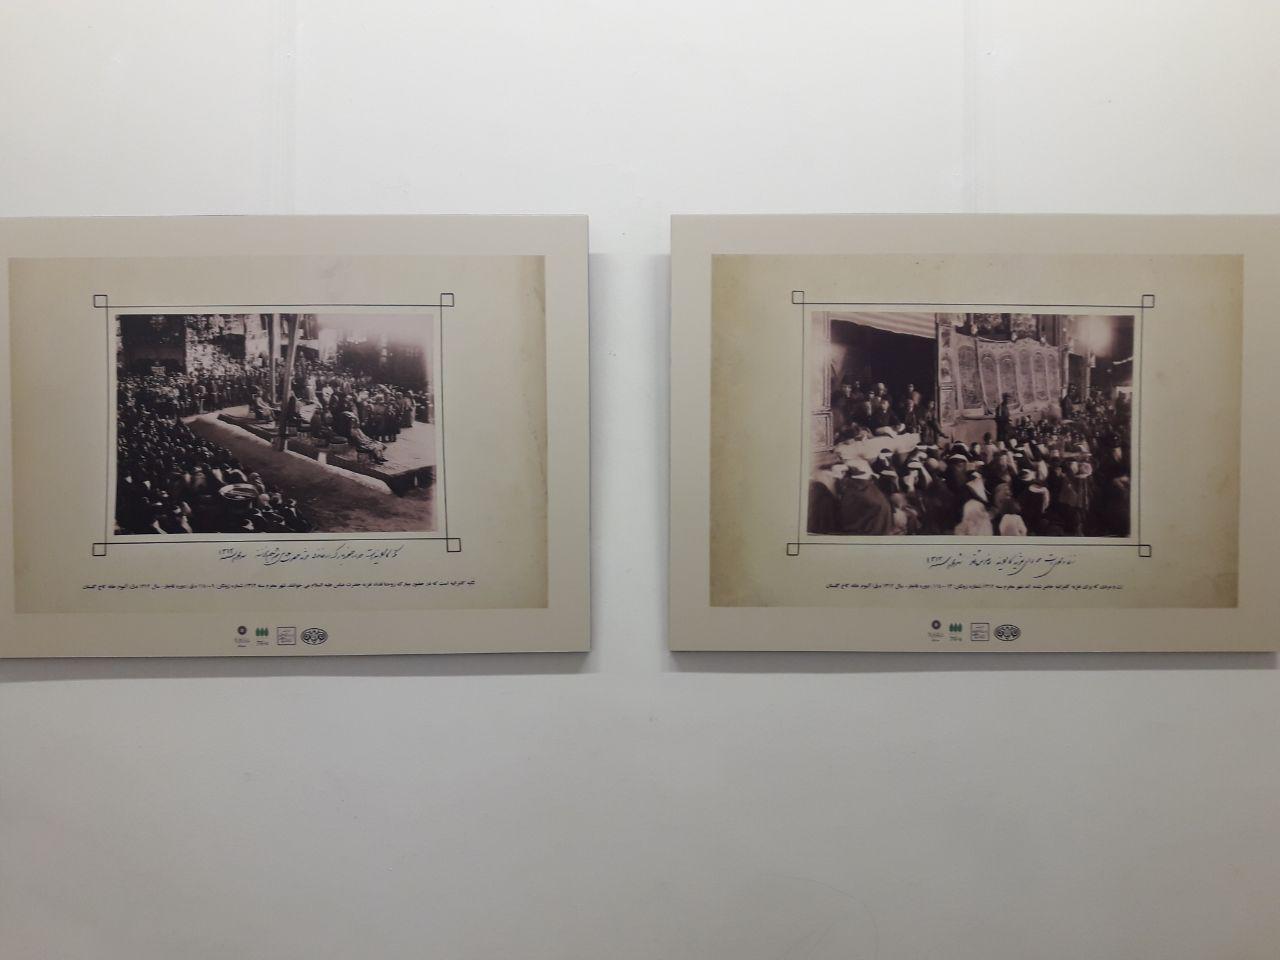 عزاداریهای دوره قاجار را در باغ موزه هنرهای ایرانی مرور کنید + تضاویر